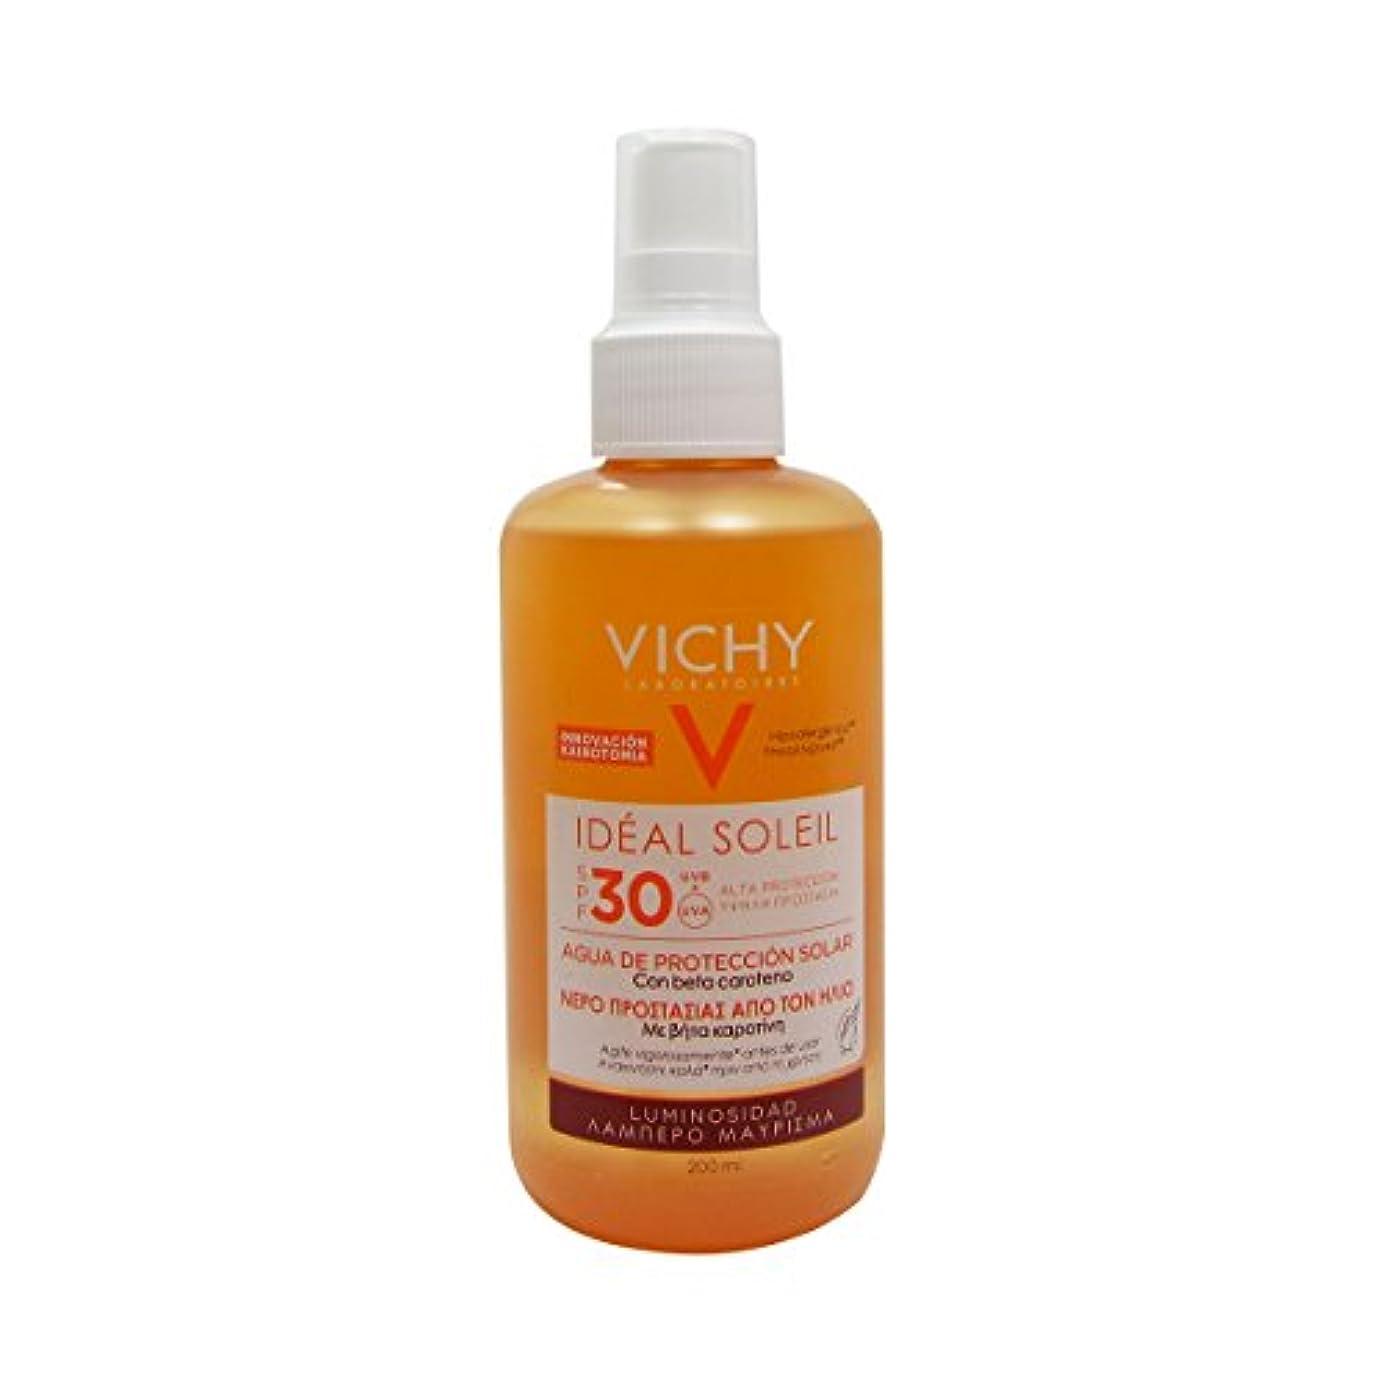 水陸両用正当な遊び場Vichy Ideal Soleil Fresh Water Sun Protection Spf30 Luminous Tan 200ml [並行輸入品]